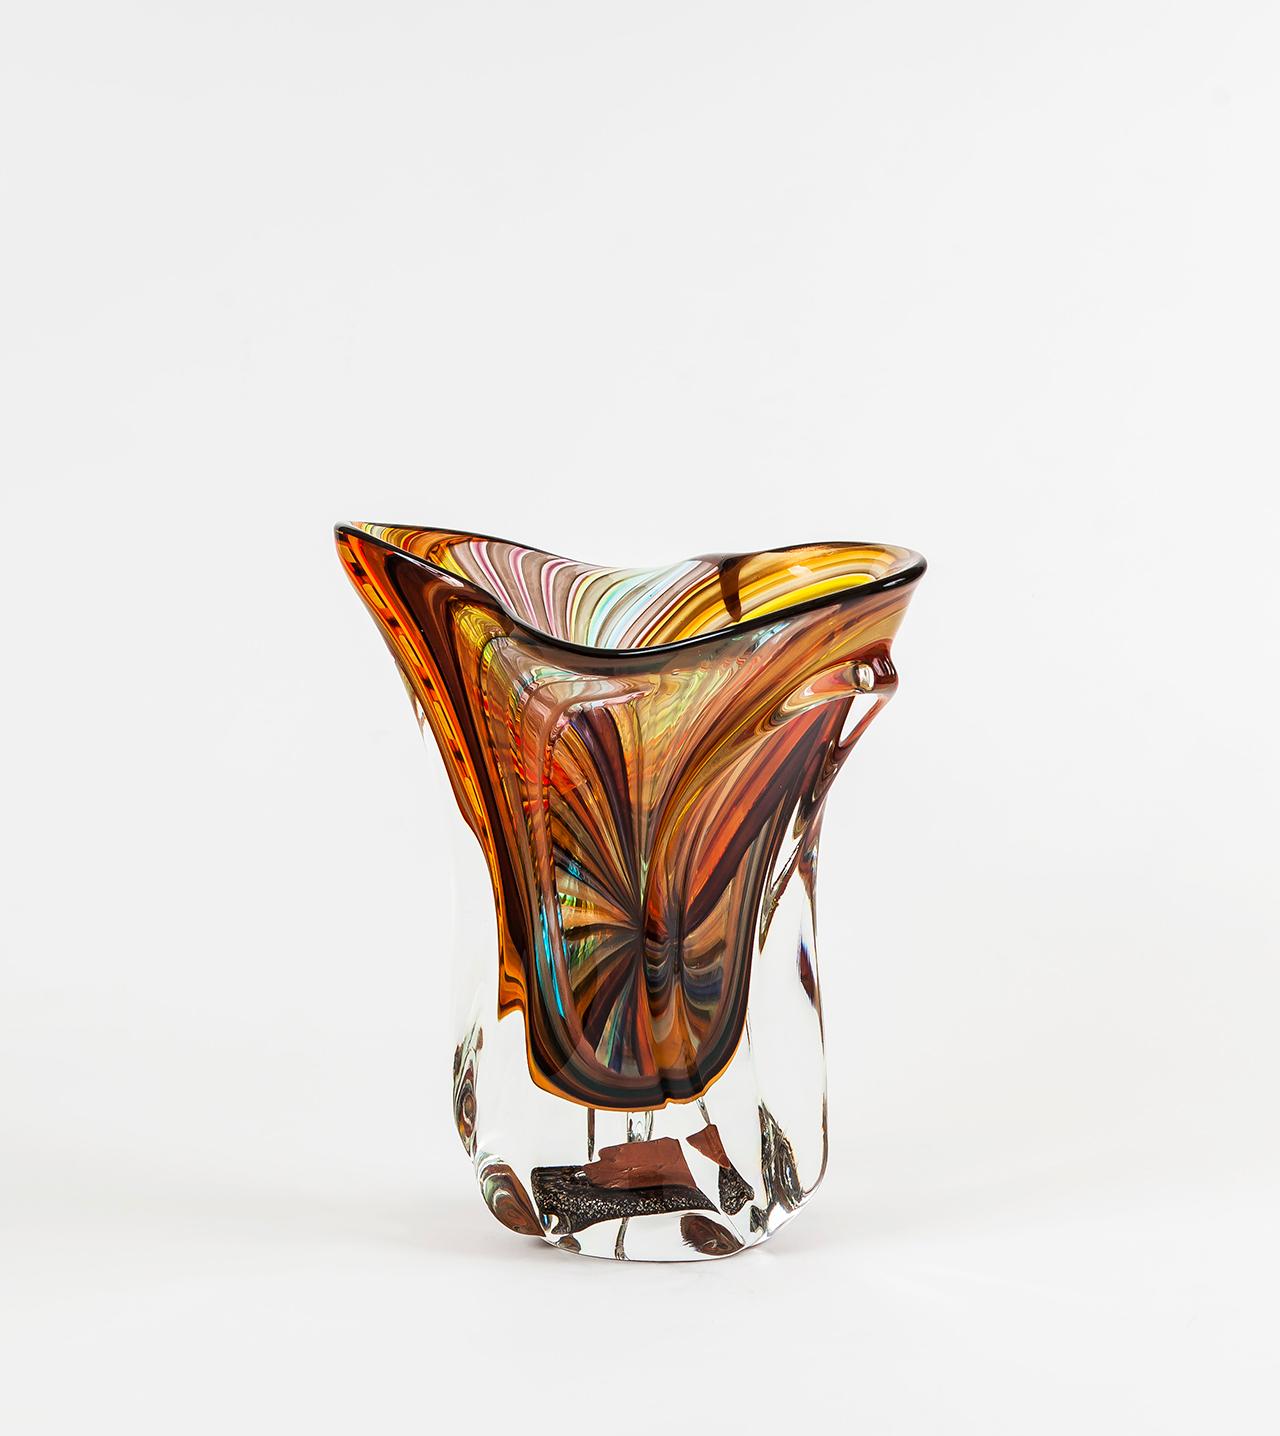 vaso-massimiliano-schiavon-murano-2